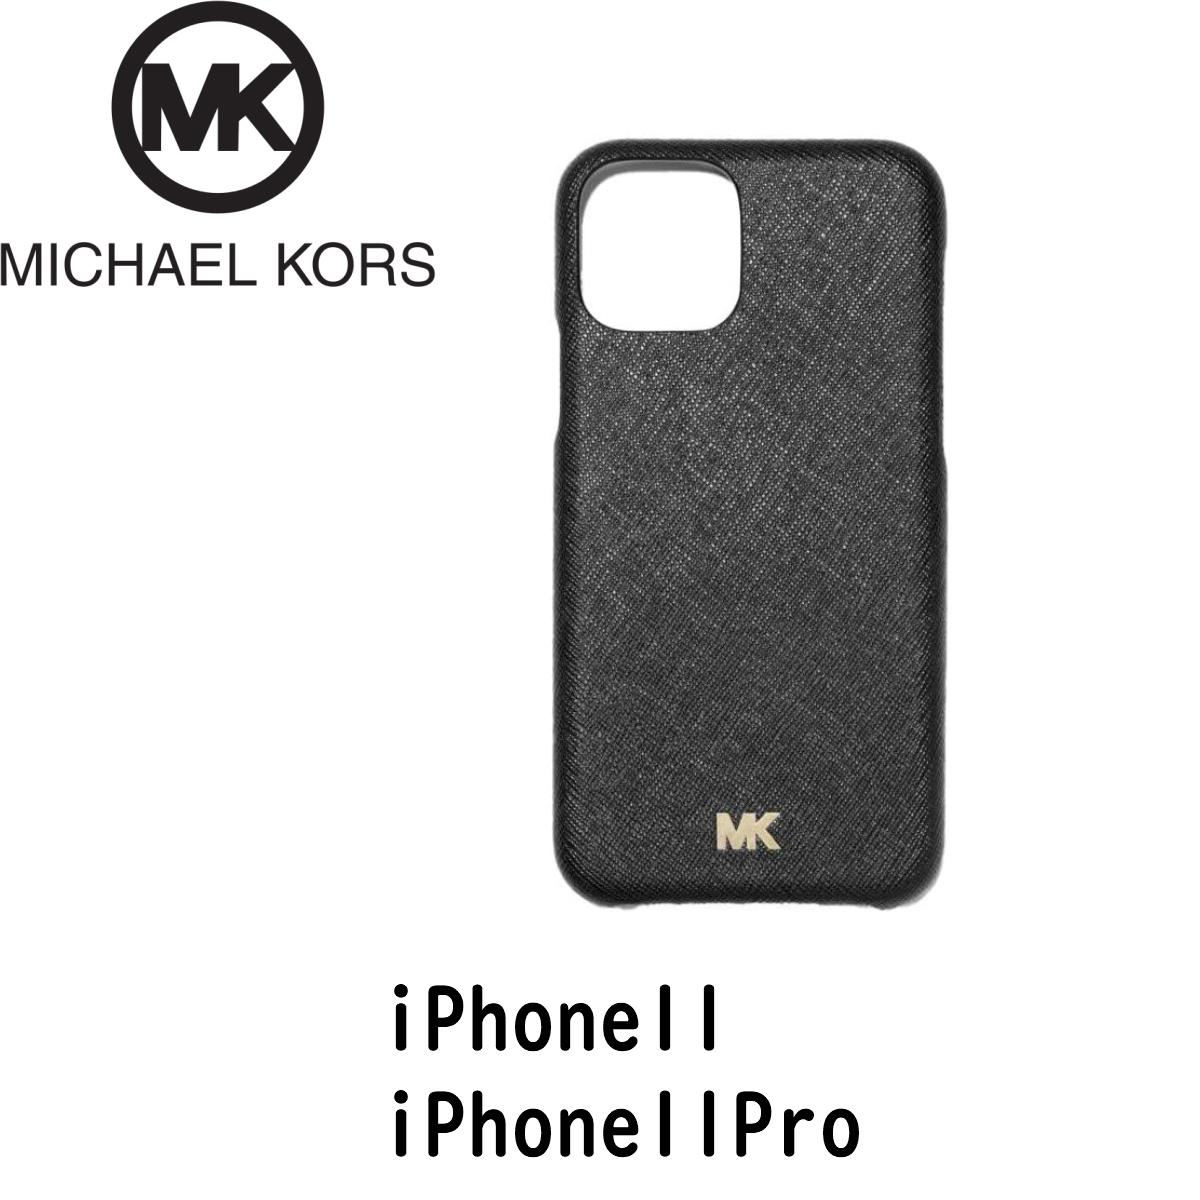 アイフォン イレブン iPhone11 Pro プロ 誕生日 お得セット クリスマス プレゼント ハイブランド 送料無料 MICHAEL 全国一律送料無料 ロゴ マイケルコース iPhone11Pro ケース ブランド サフィアーノレザー ブラック KORS